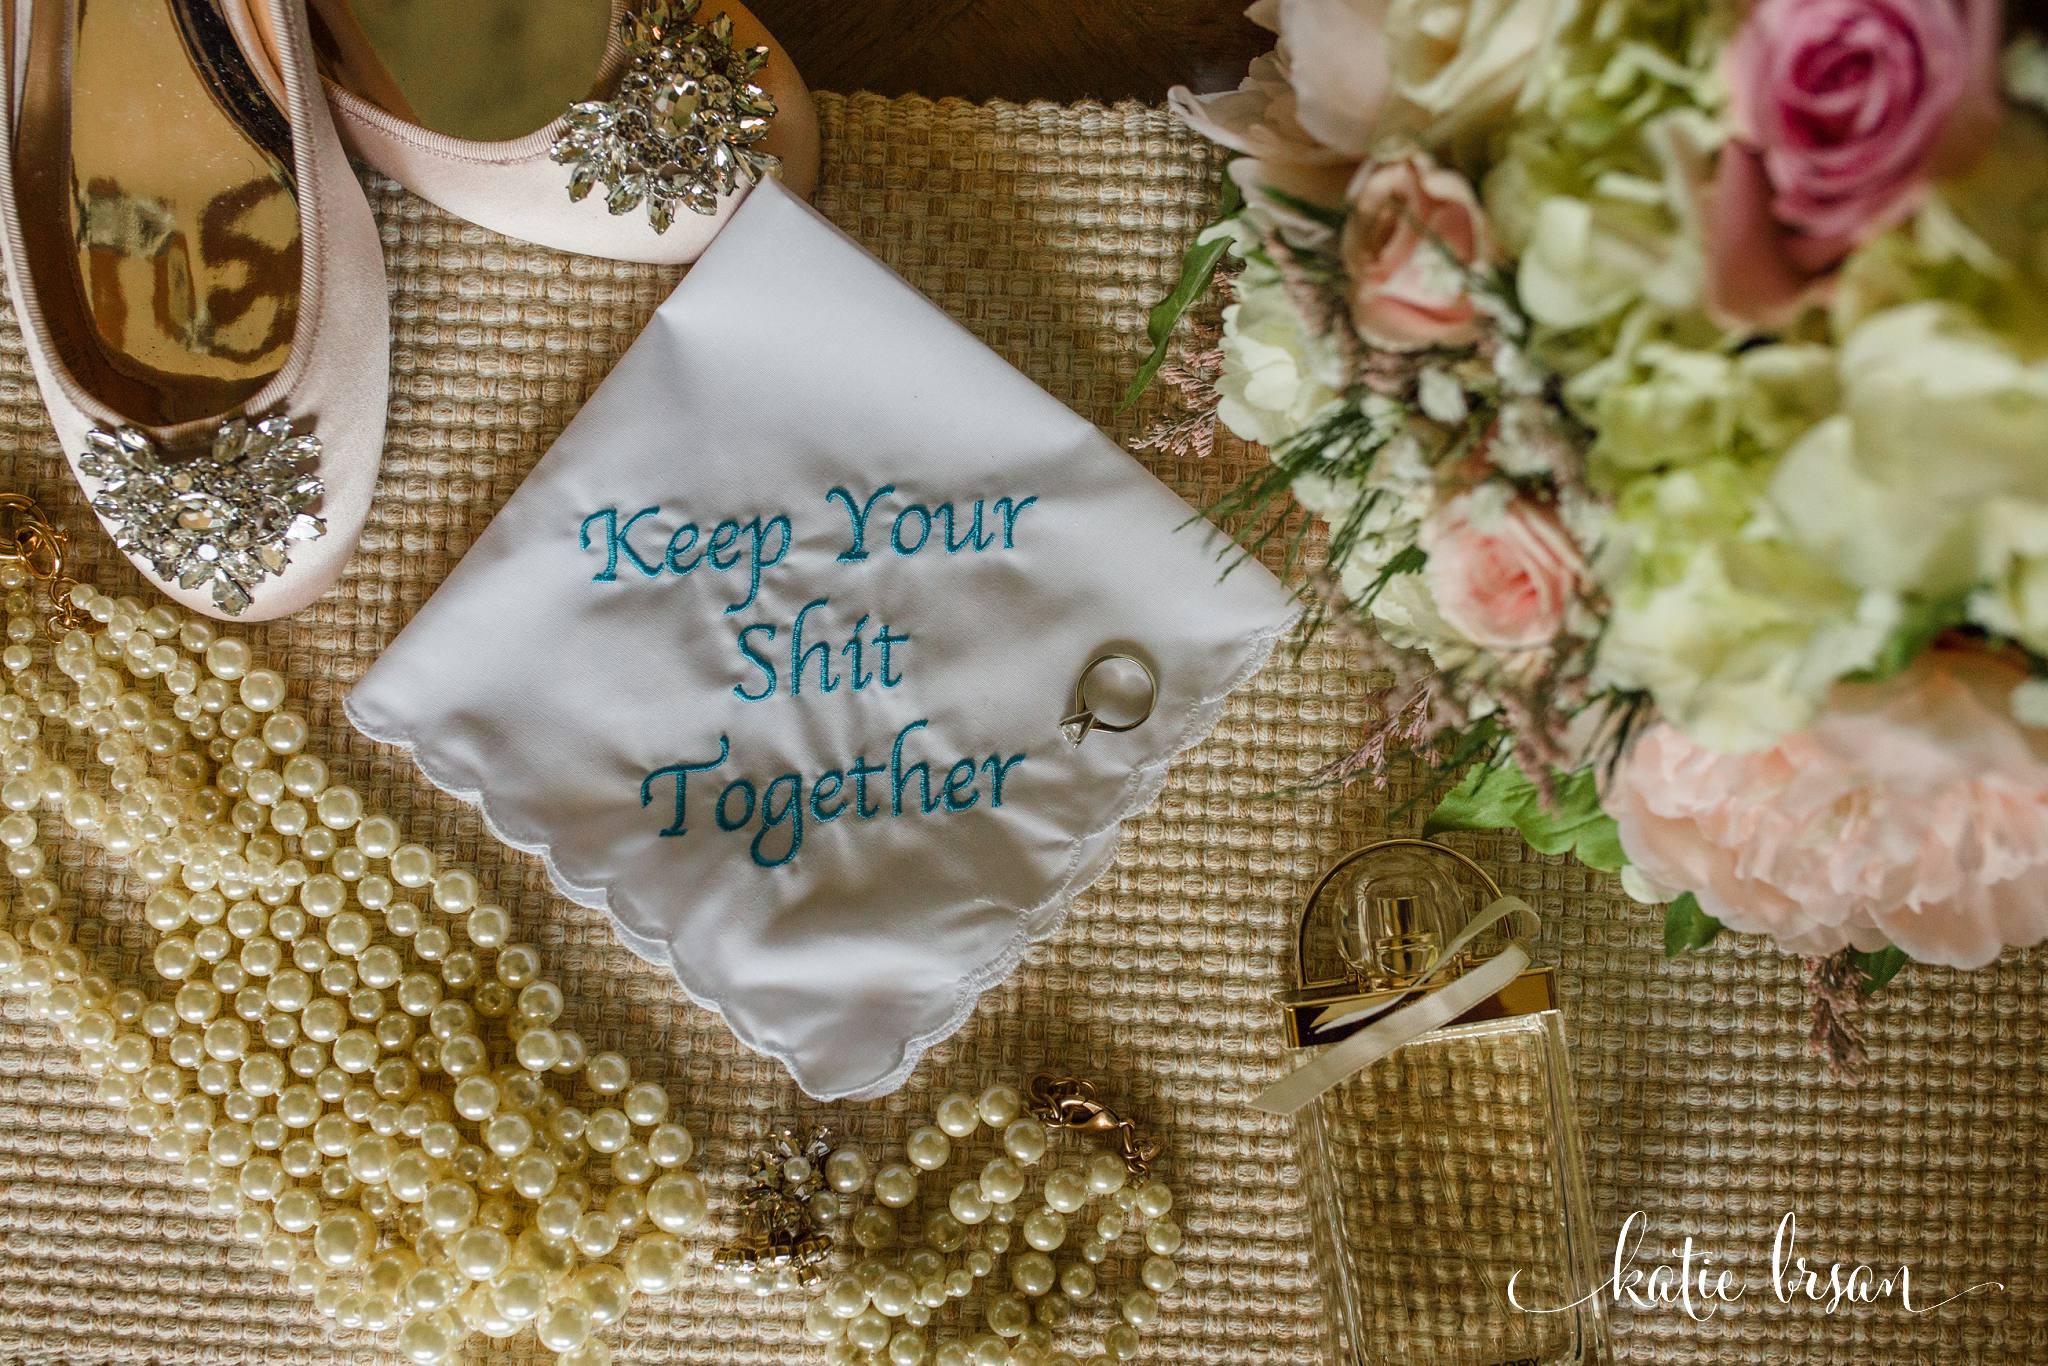 Mokena_Lemont_Wedding_Ruffled_Feathers_Wedding_1317.jpg